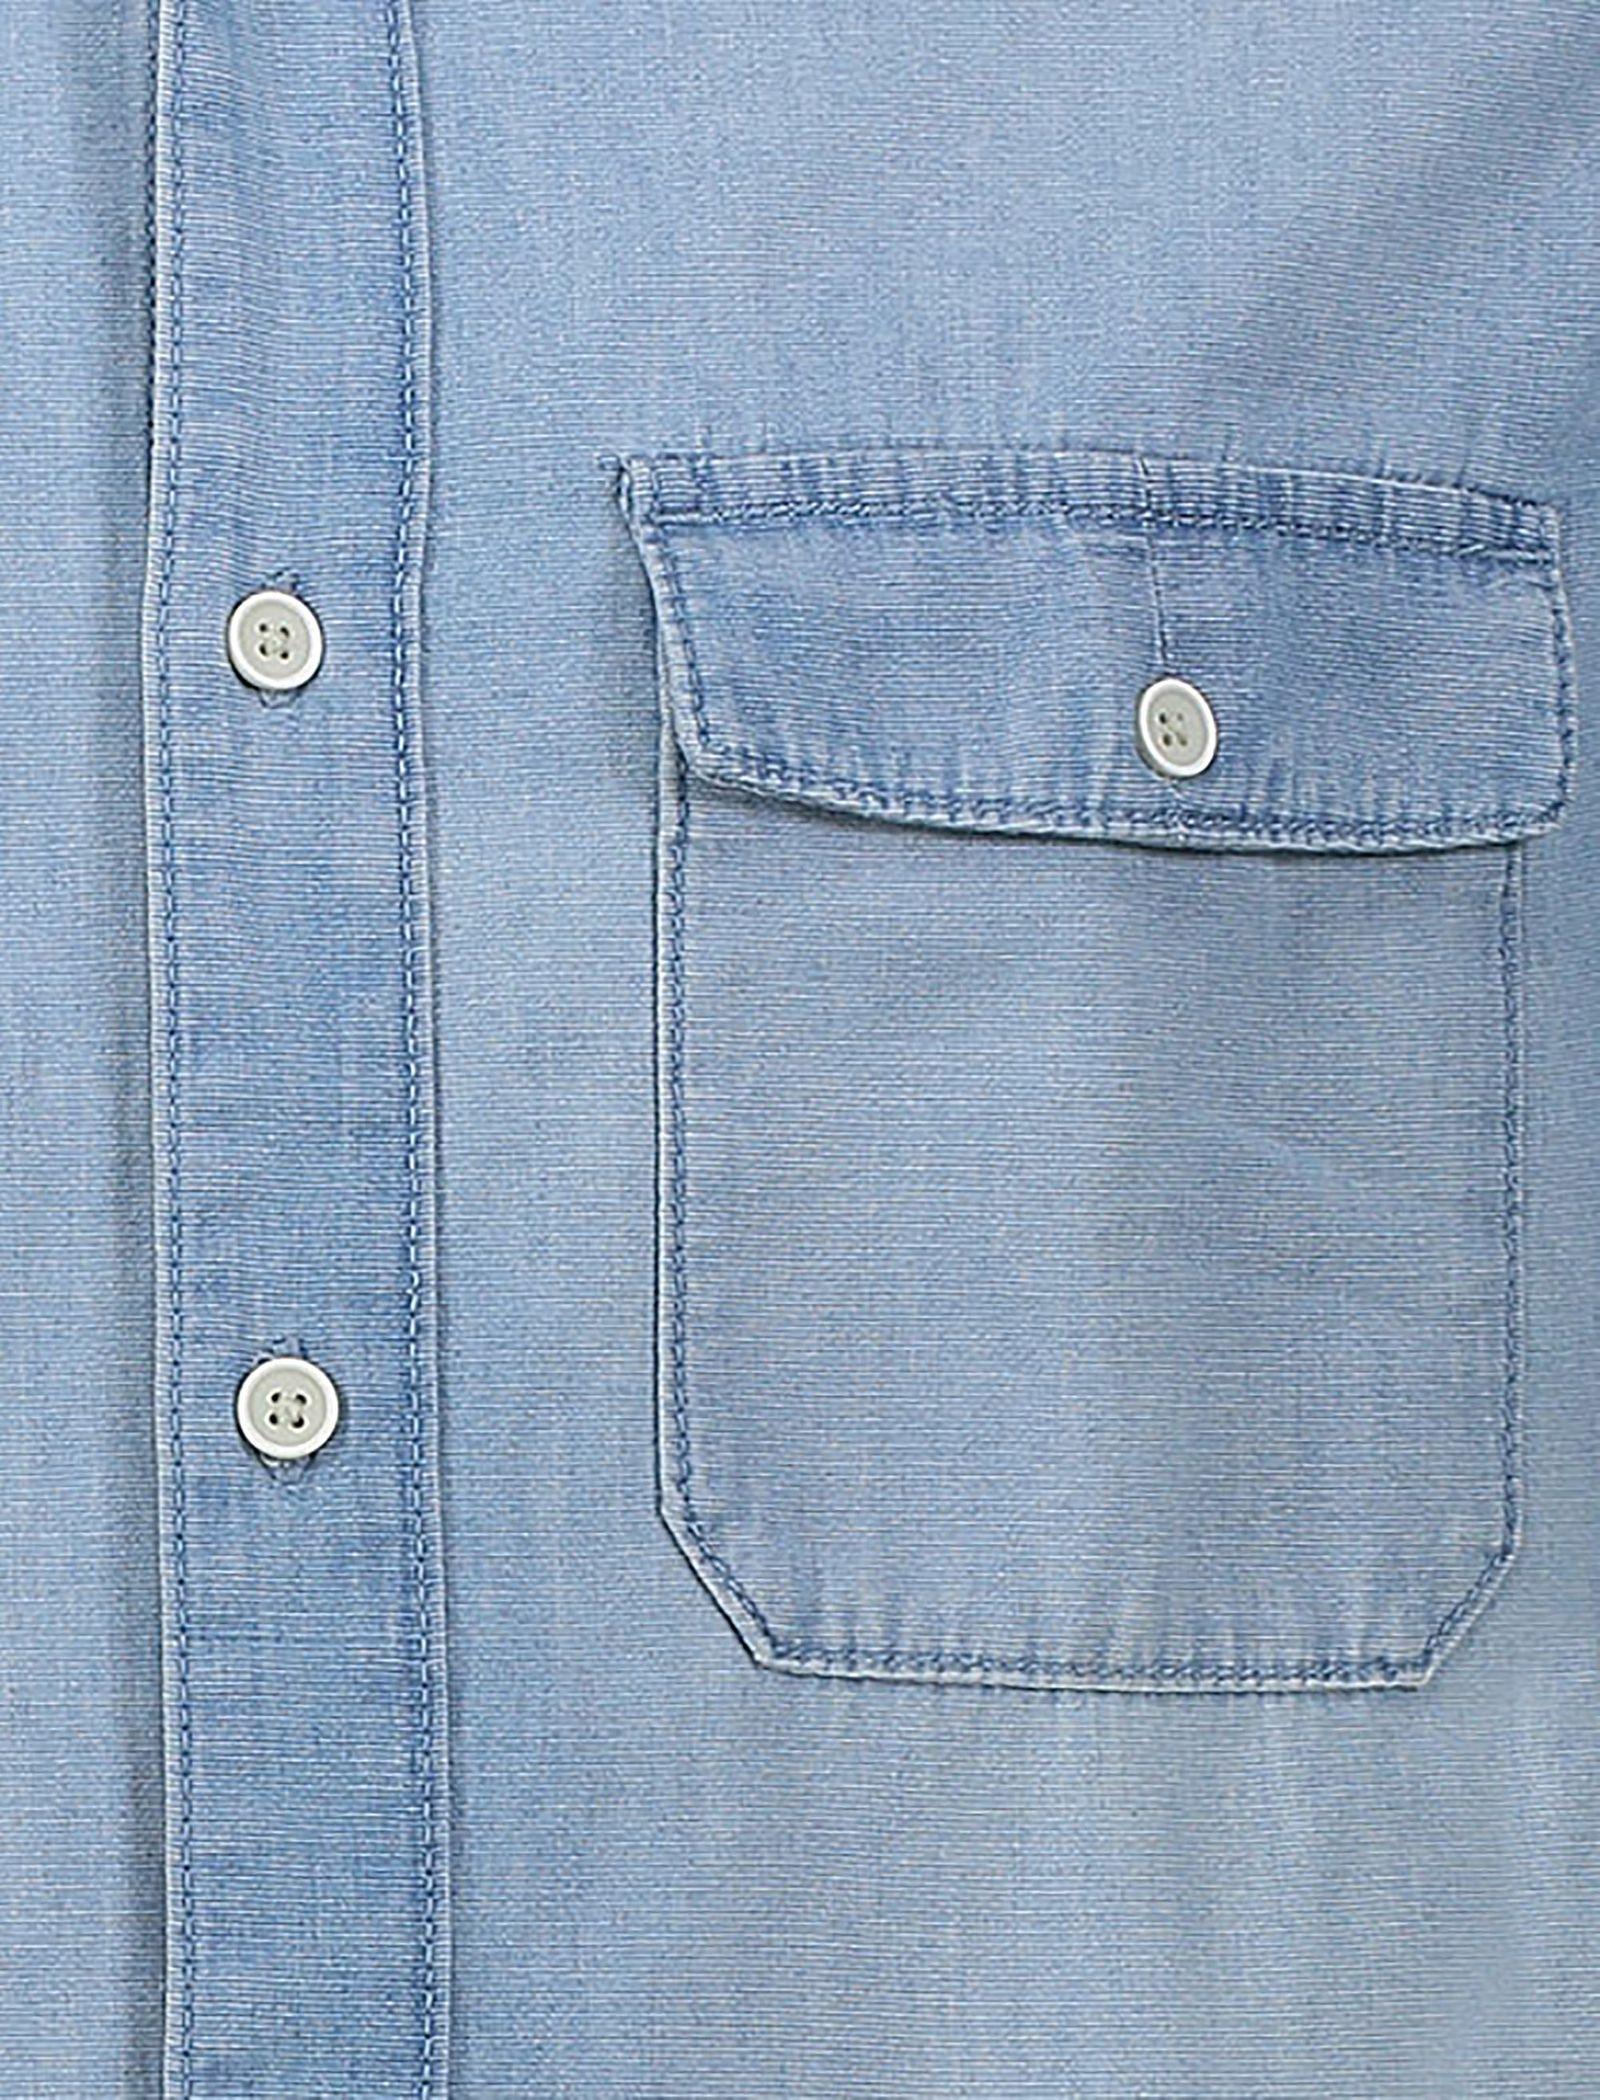 پیراهن جین آستین بلند مردانه - مانگو - آبي - 5